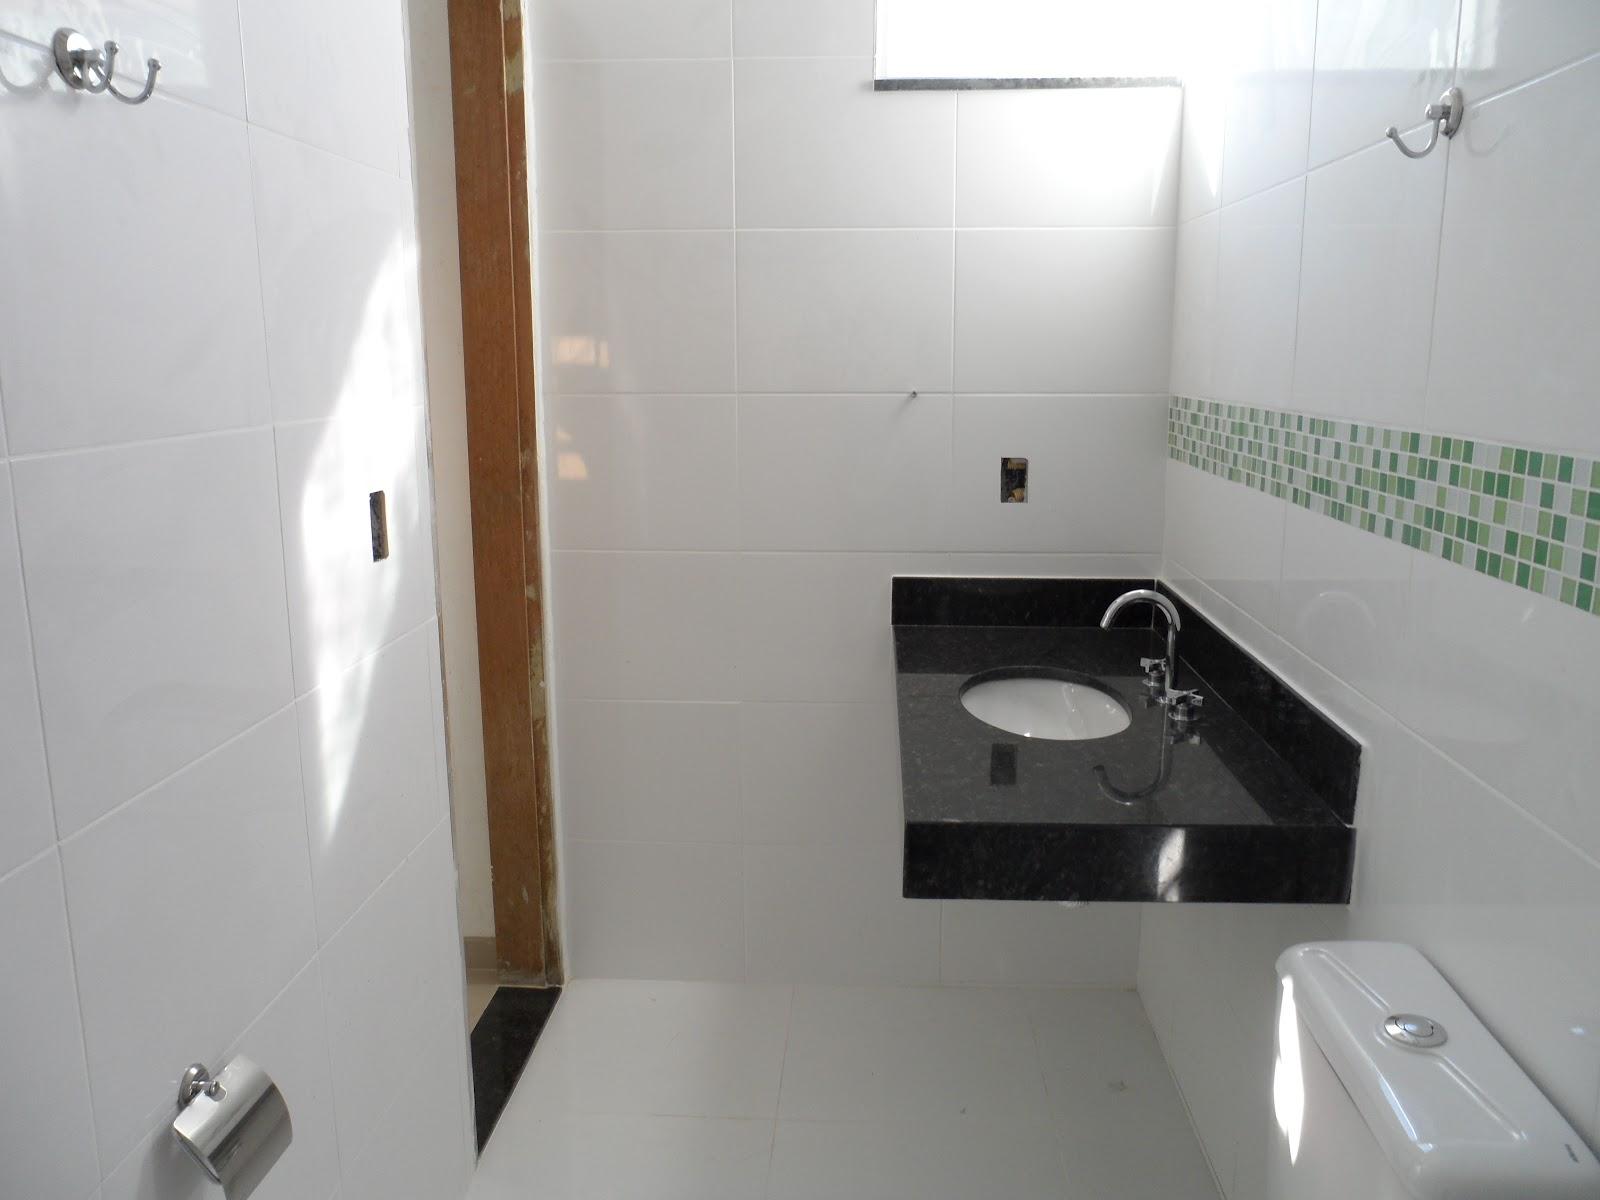 DIÁRIO DE CONSTRUÇÃO DE UMA CASA PEQUENA: REVISÃO DA SEMANA  #694529 1600x1200 Bancada De Banheiro Em Granito Branco